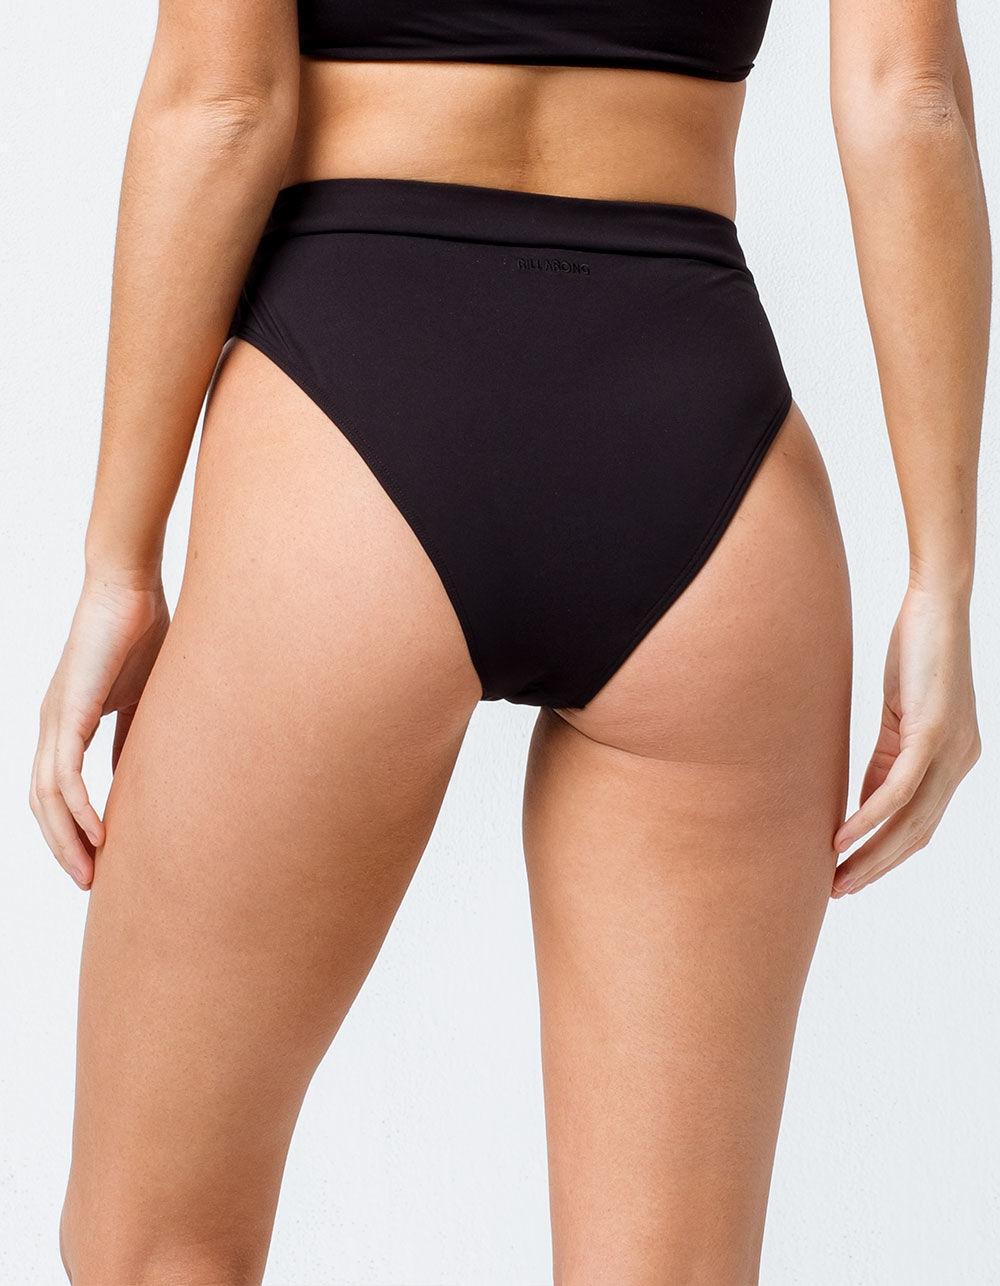 5abc1c26a3cd4 Billabong - Sol Searcher Rise High Waisted Super Cheeky Black Bikini Bottoms  - Lyst. View fullscreen